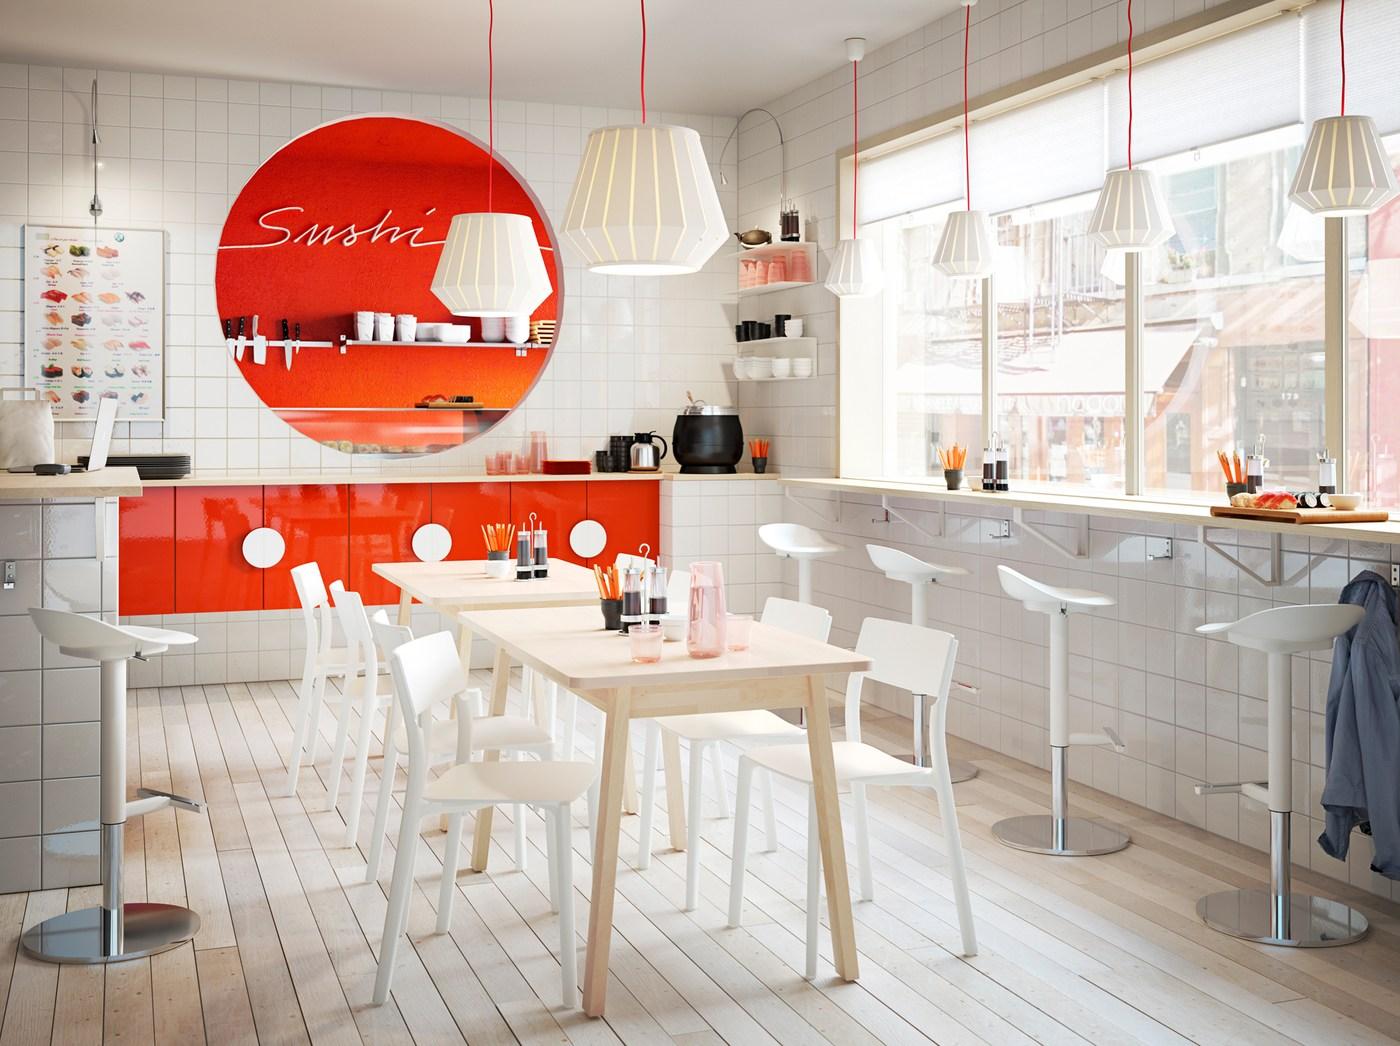 Интерьер суши-бара в бело-оранжевом оформлении